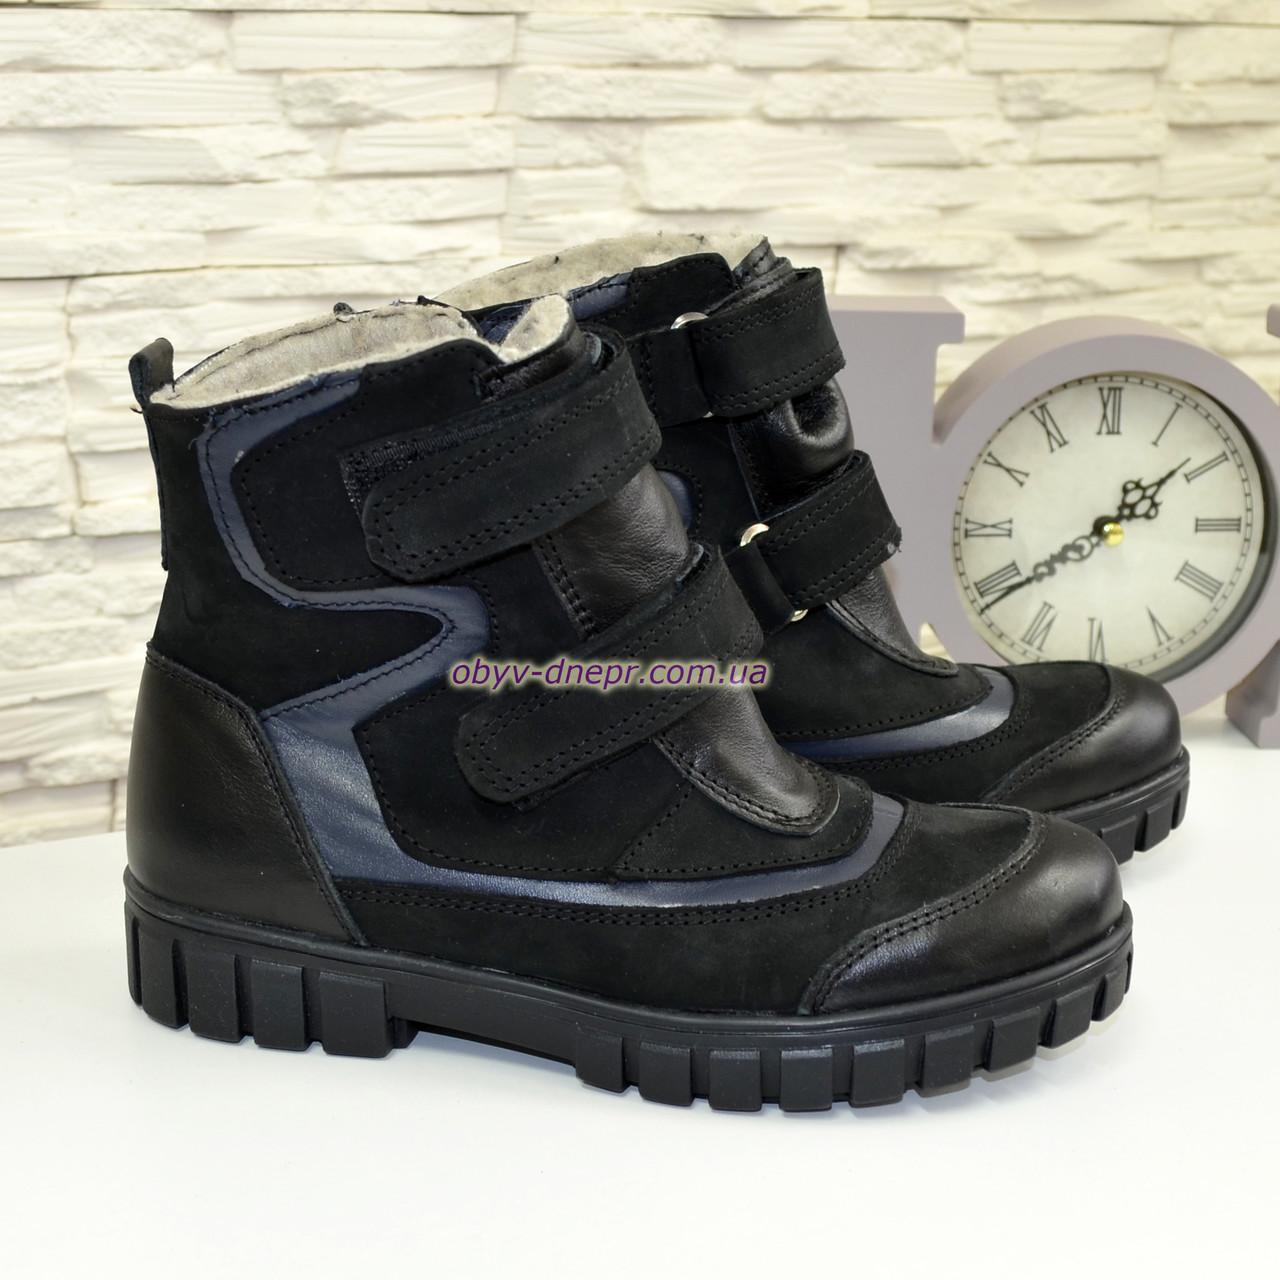 Ботинки подростковые для мальчиков, на липучках, из натуральной кожи и нубука